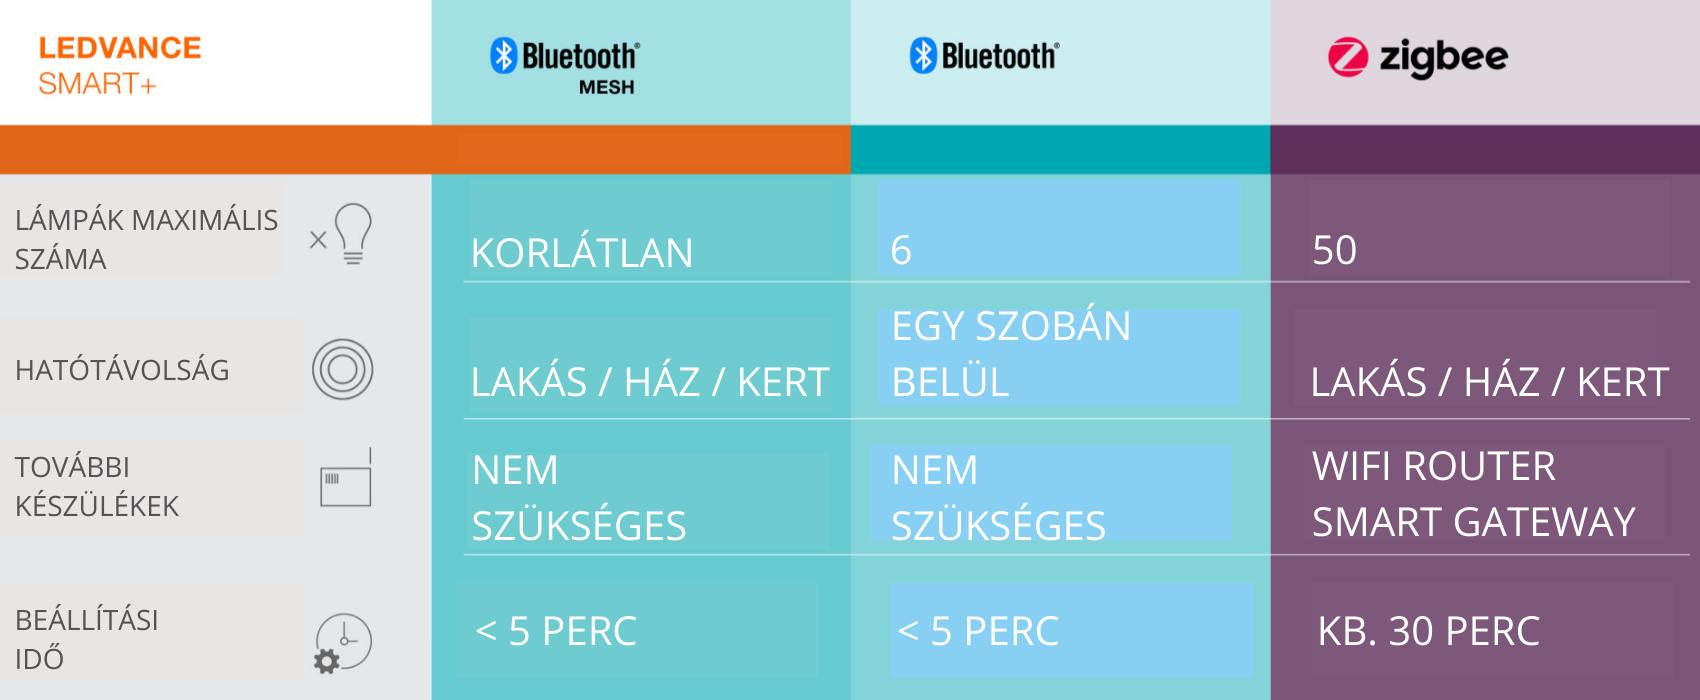 A Ledvance Smart+ Bluetooth és ZigBee rendszer összehasonlítása